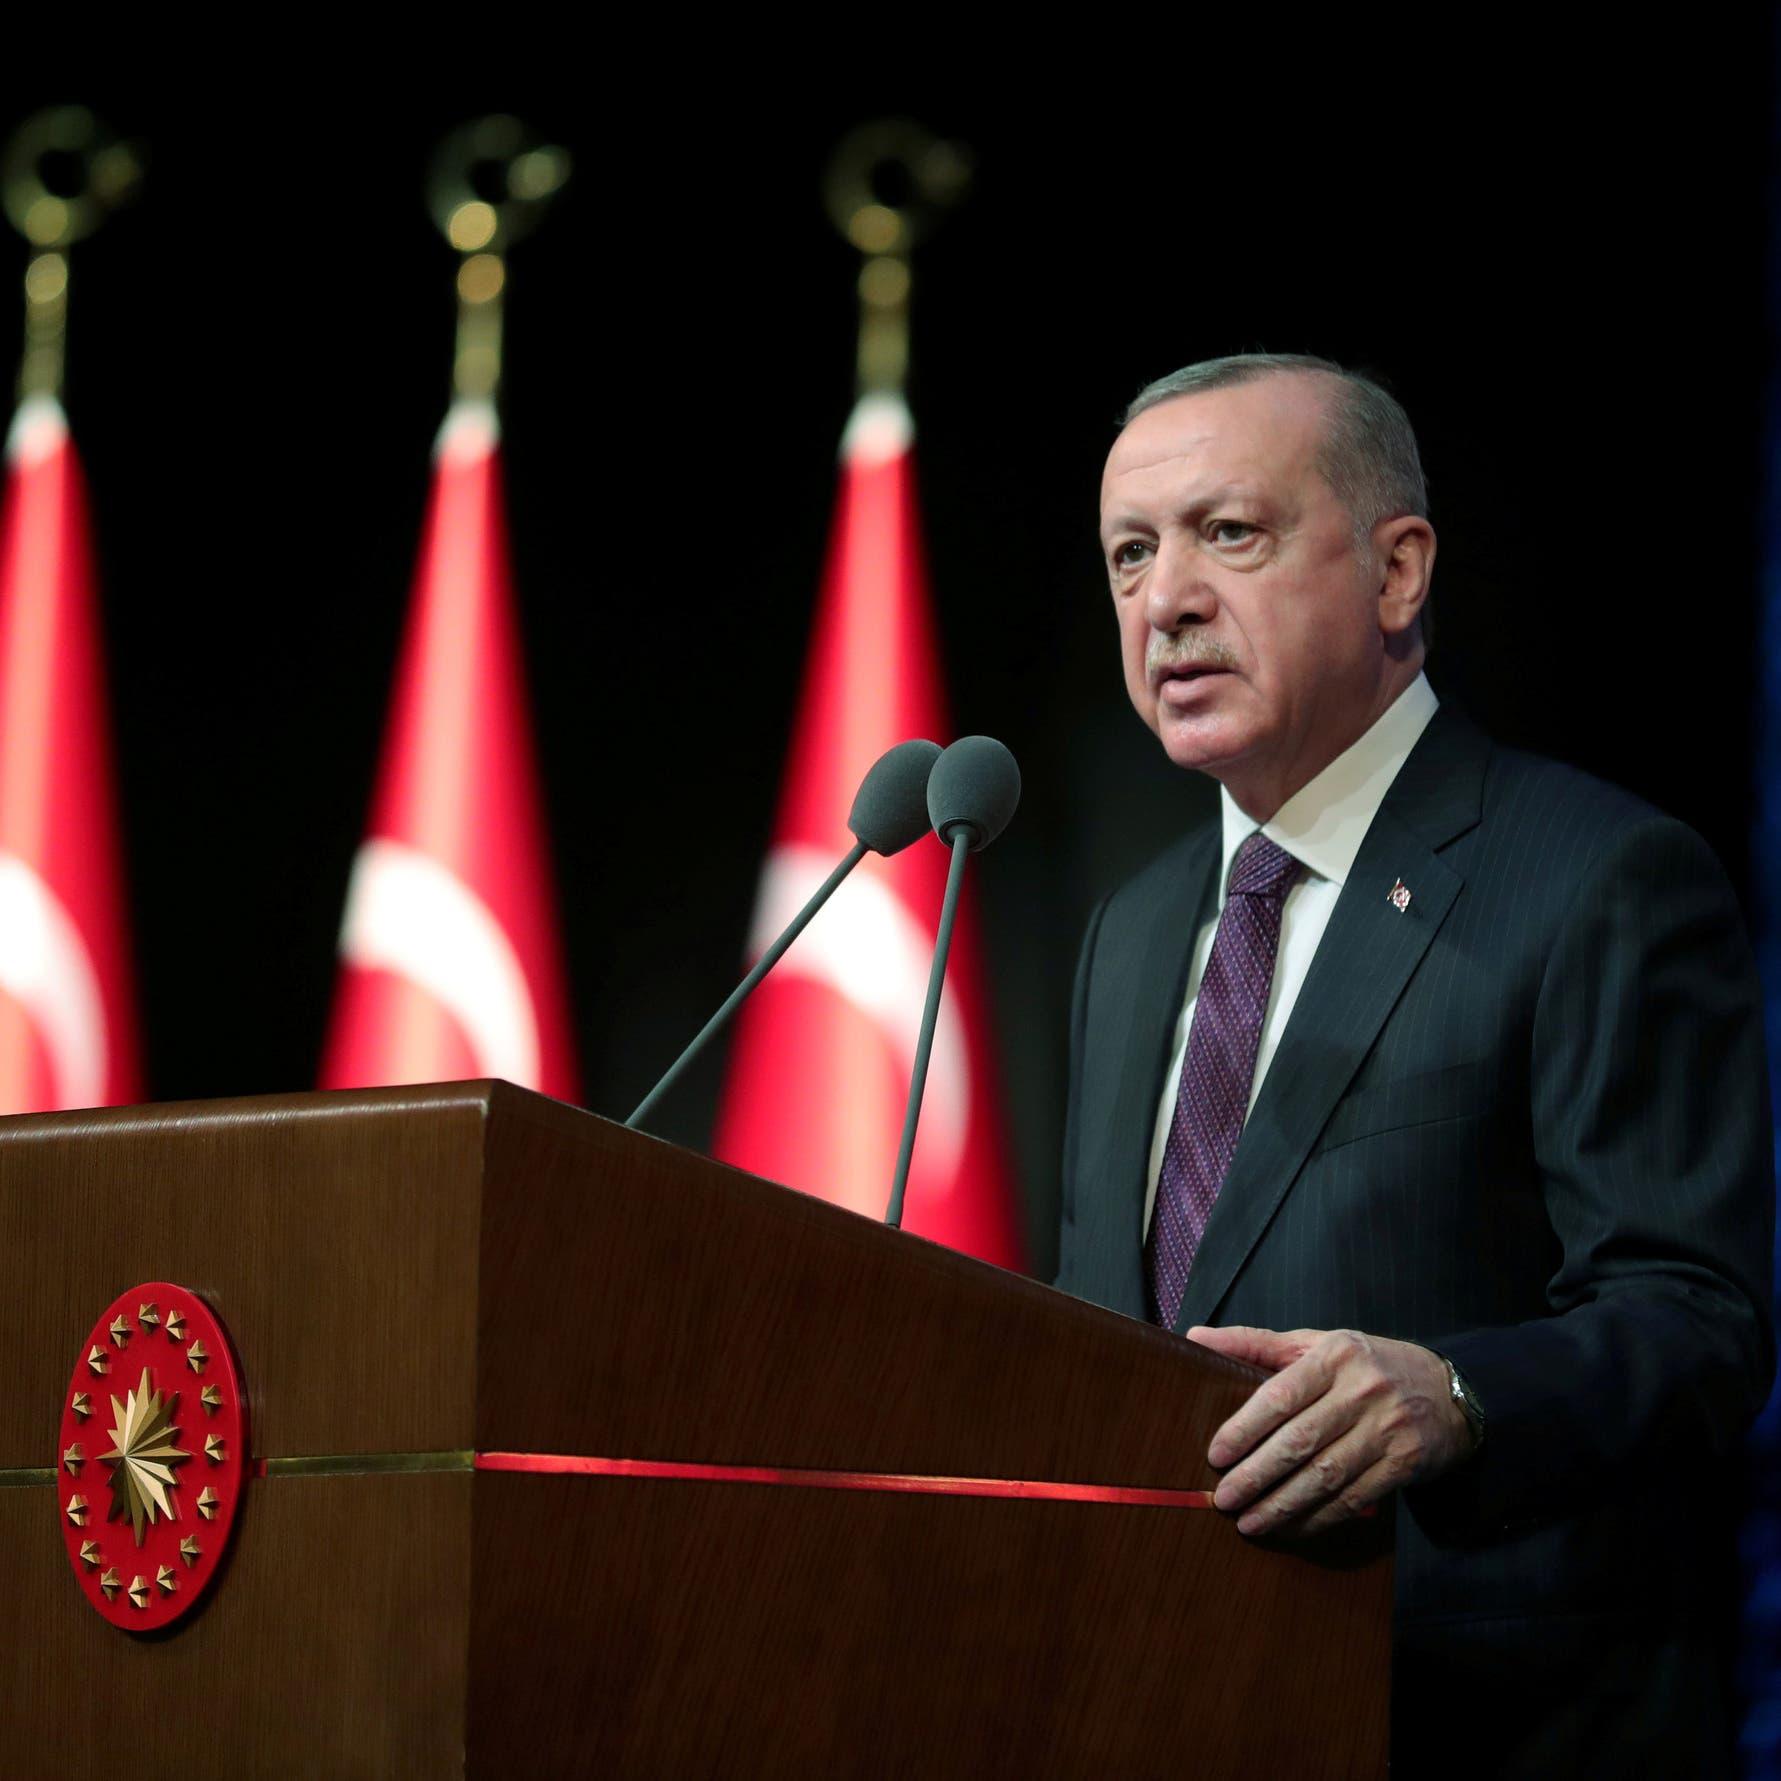 أردوغان يخلط السياسة بالرياضة في دوري أبطال أوروبا